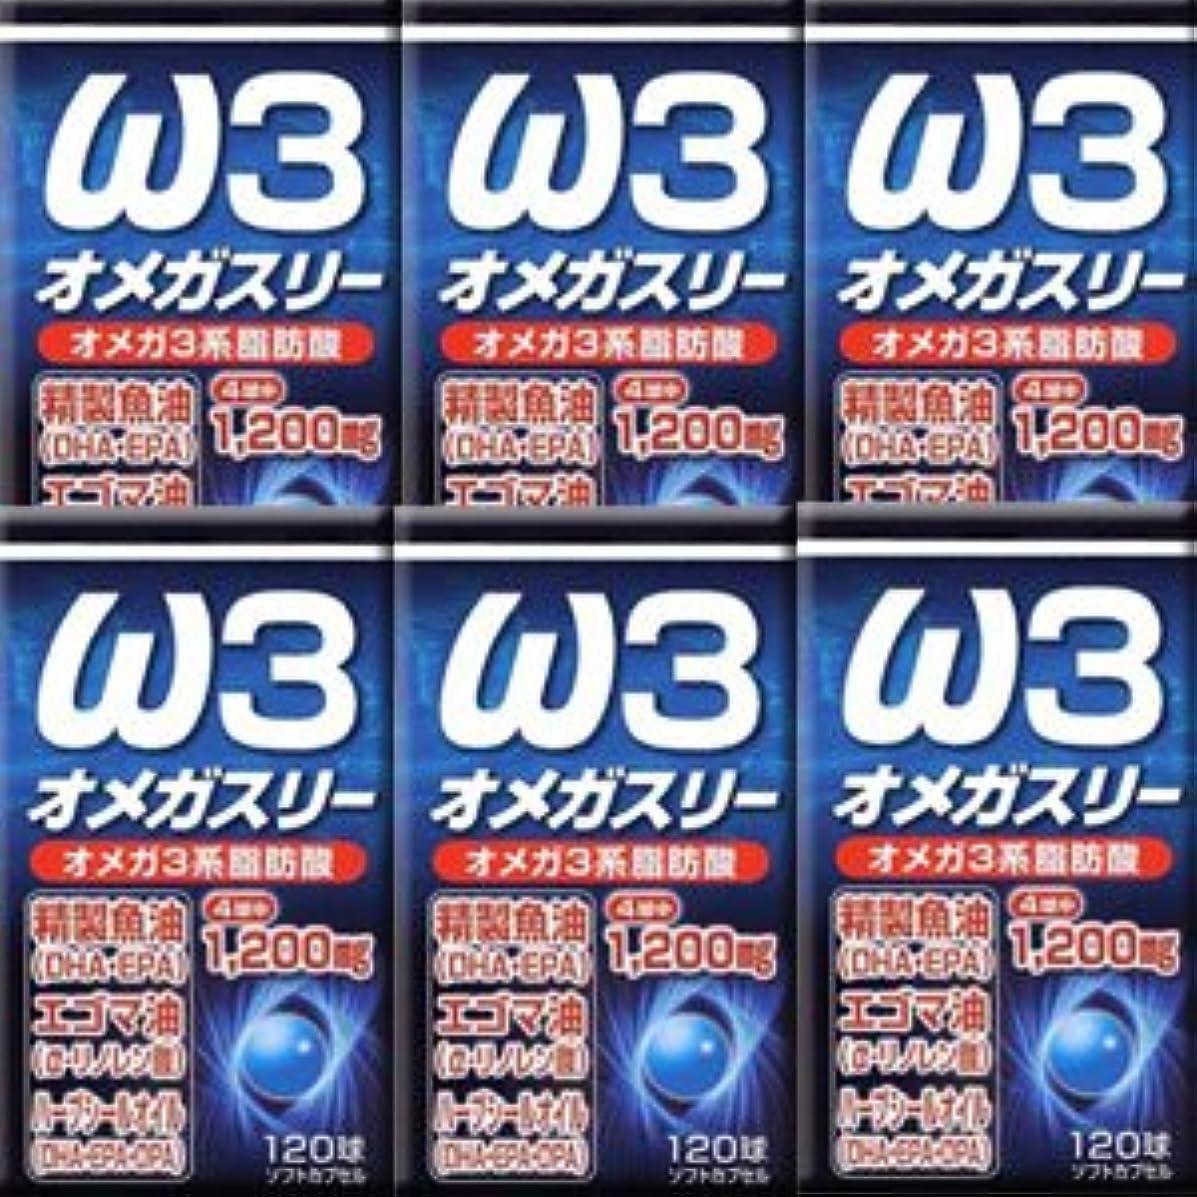 調整可能船酔いマインドフル【6個】ユウキ製薬 オメガスリー 120球x6個(4524326201898)